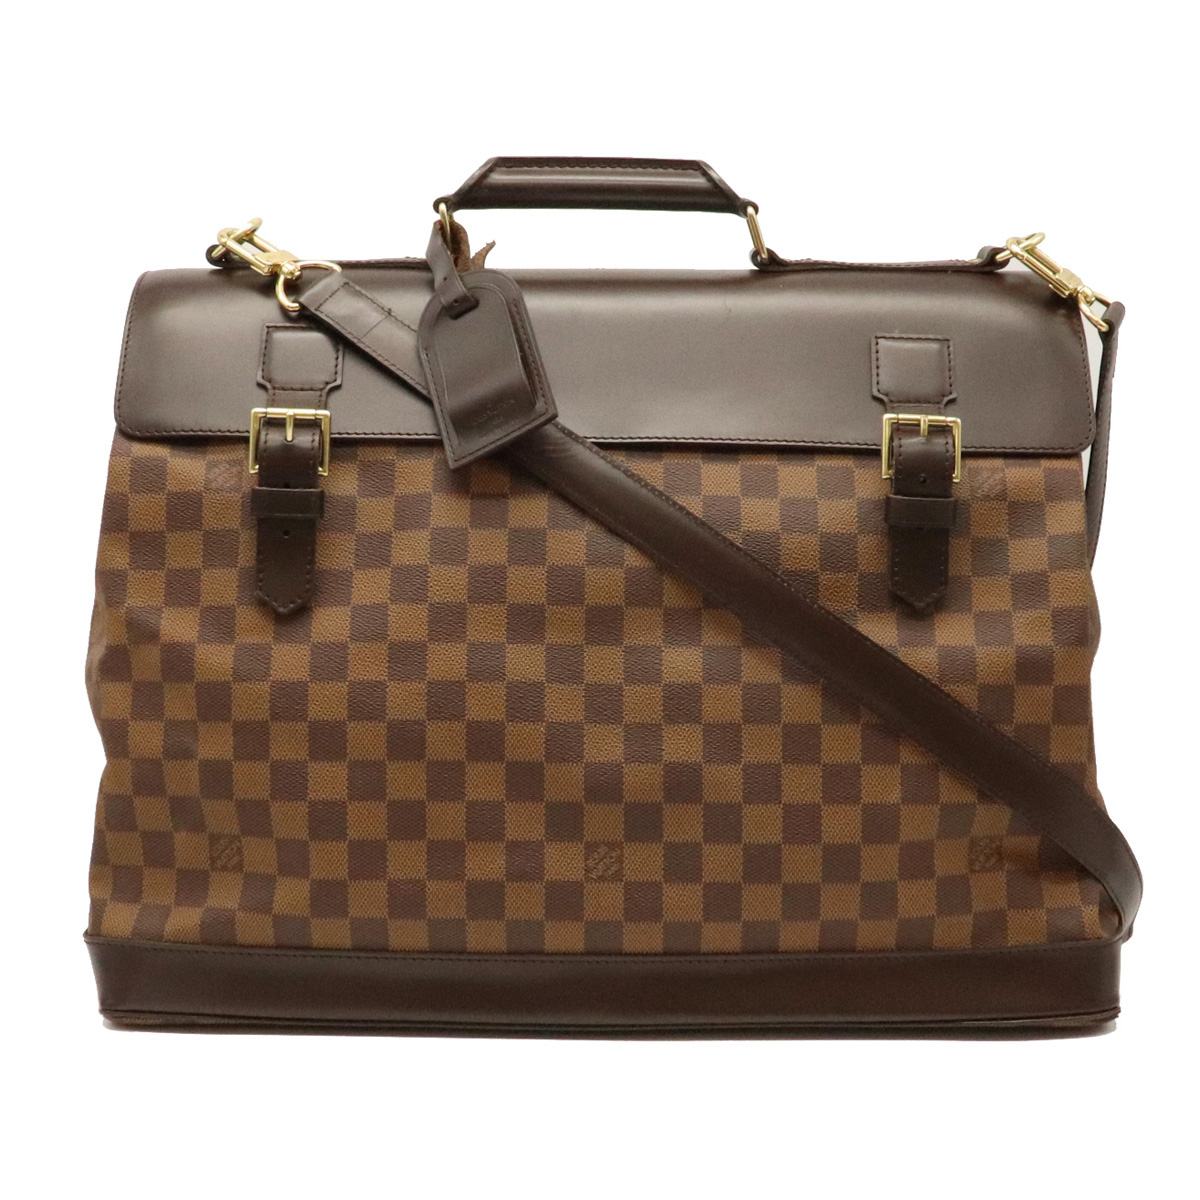 【バッグ】LOUIS VUITTON ルイ ヴィトン ダミエ ウエストエンドPM 旅行カバン ボストンバッグ ショルダーバッグ ショルダーボストン N41130 【中古】